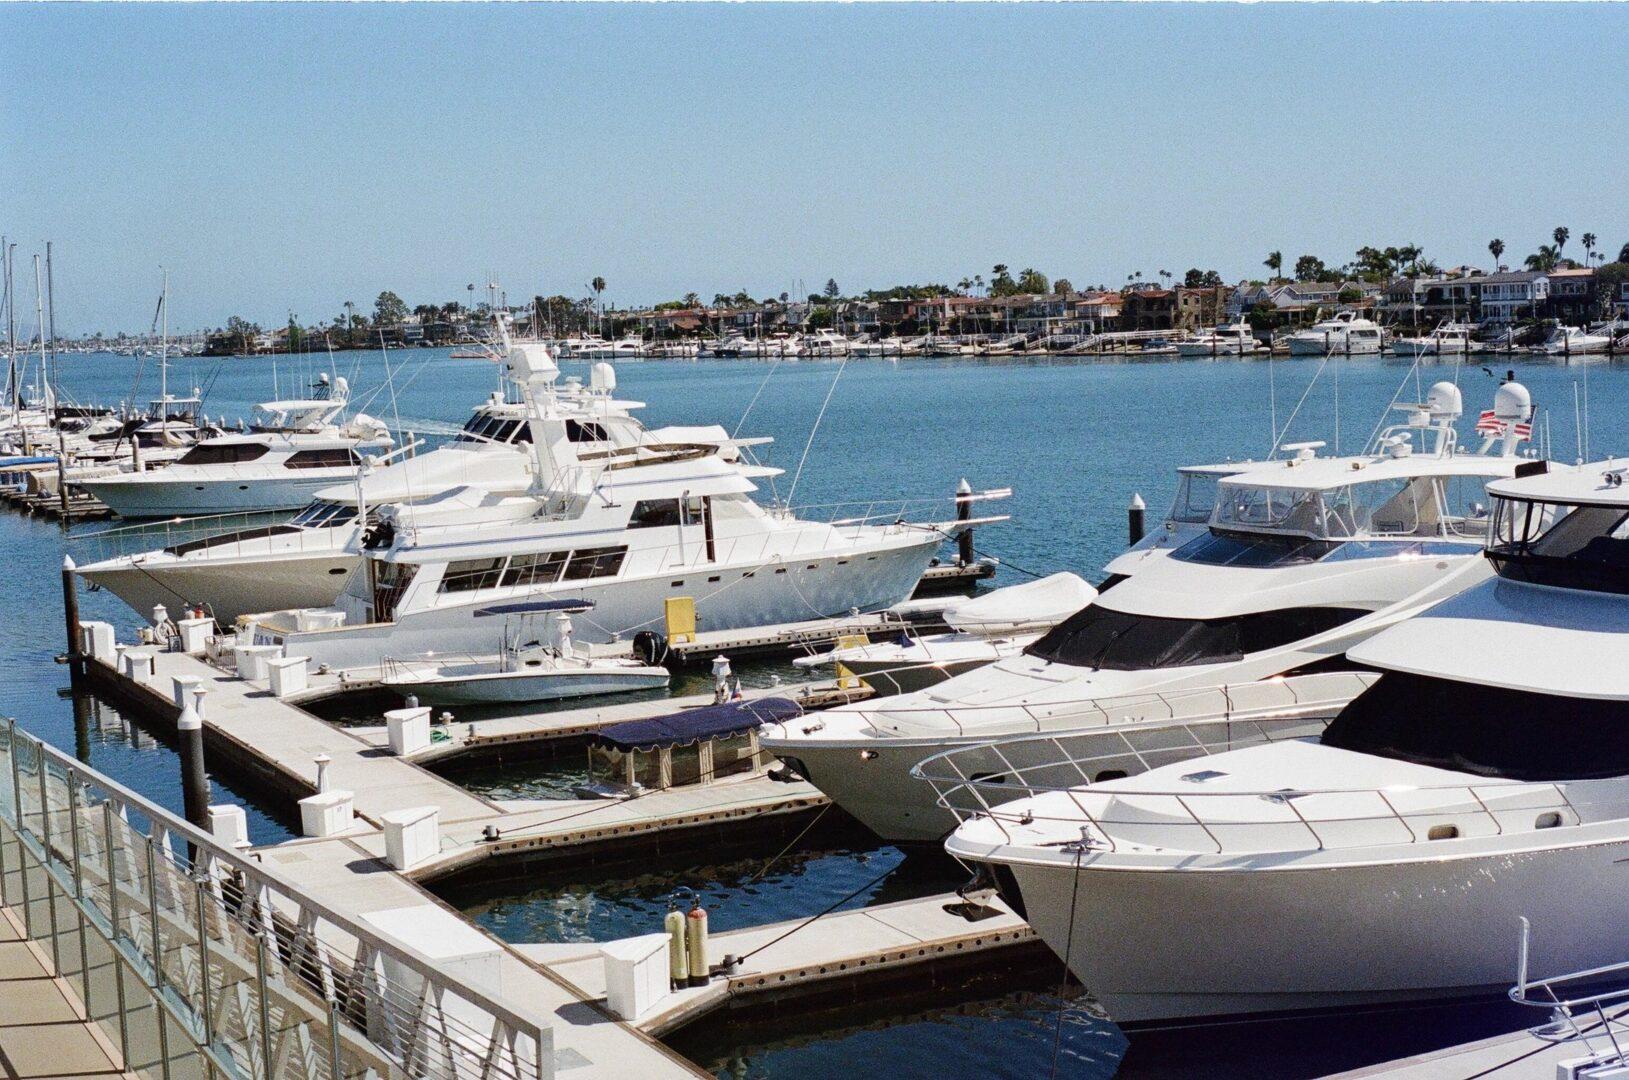 Marina virtual tour